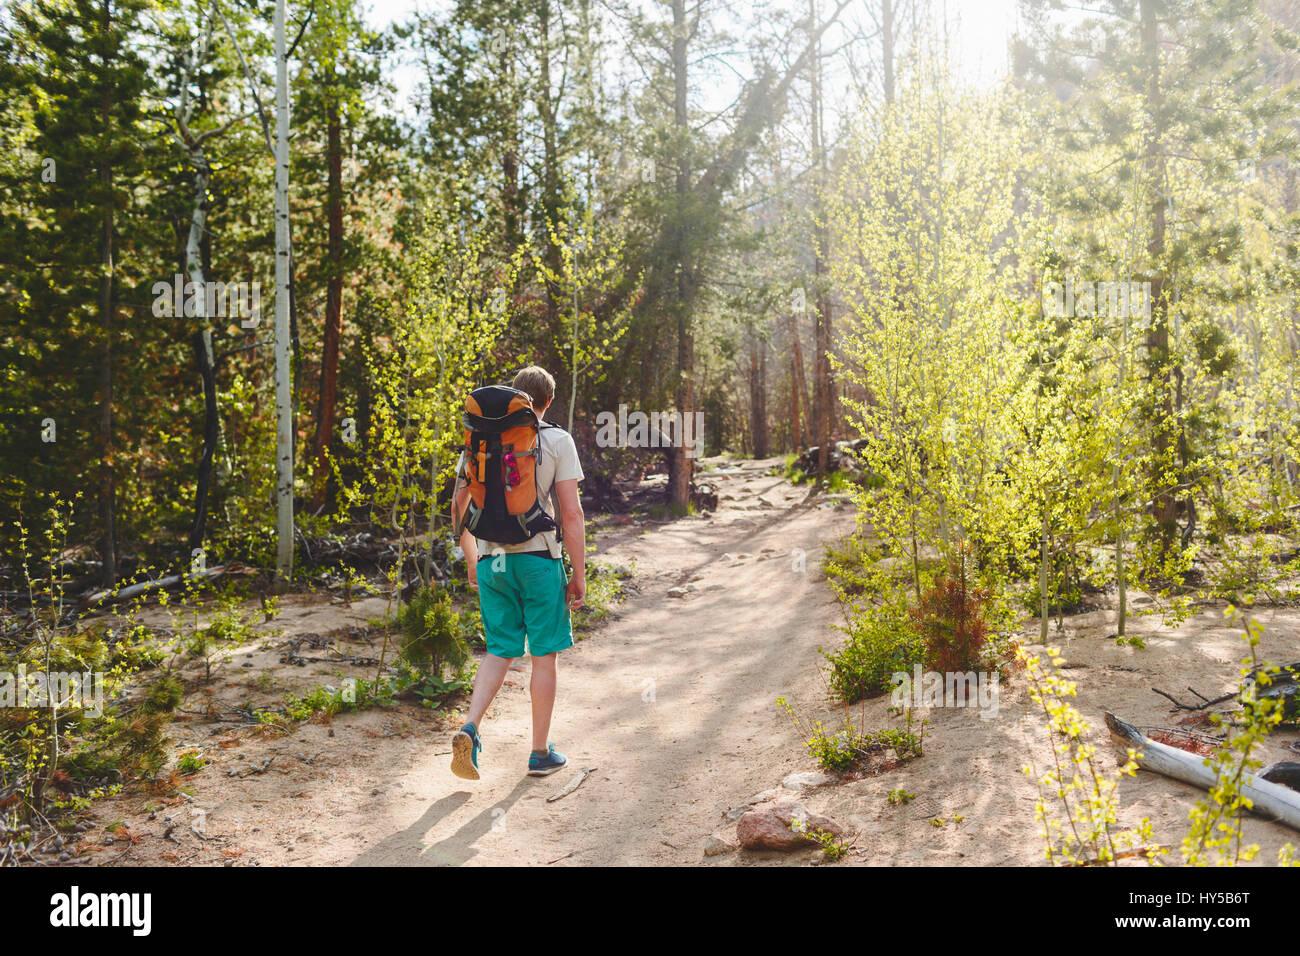 Stati Uniti d'America, colorado, Rocky Mountain National Park, giovane uomo trekking nella foresta Immagini Stock